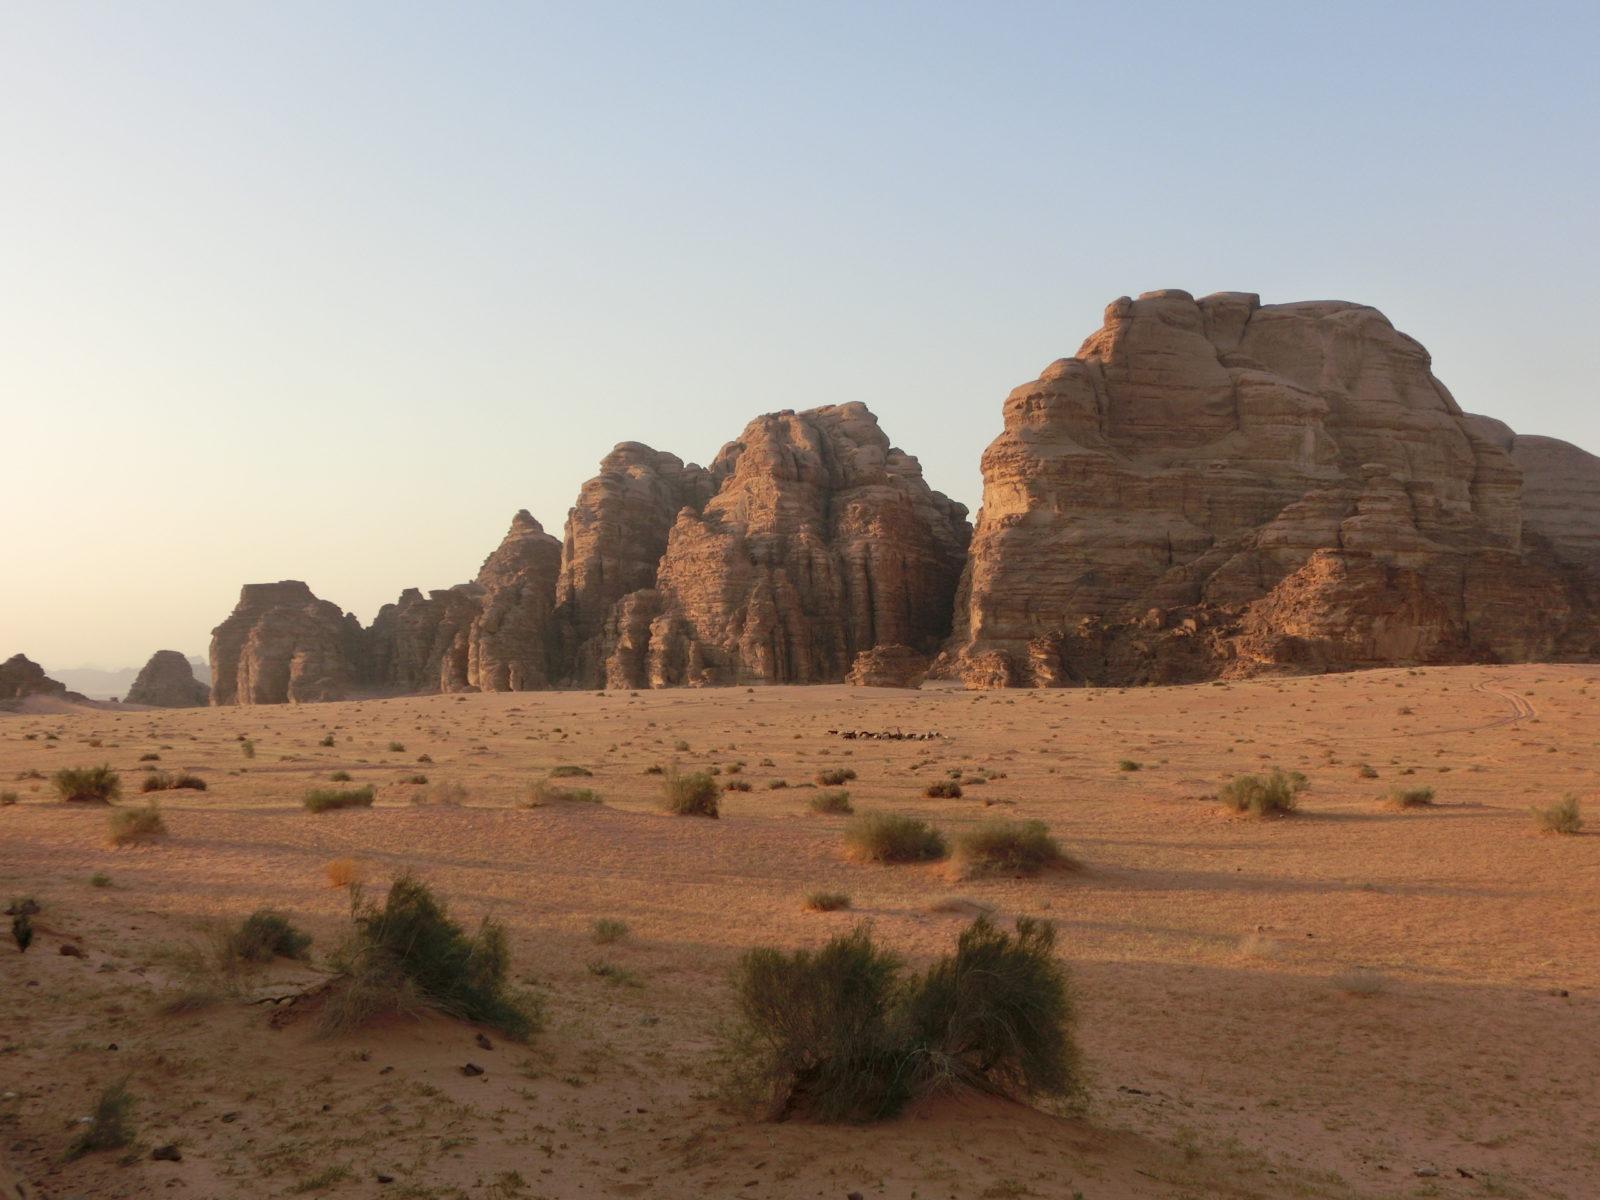 Wüstenlandschaft im Abendlicht